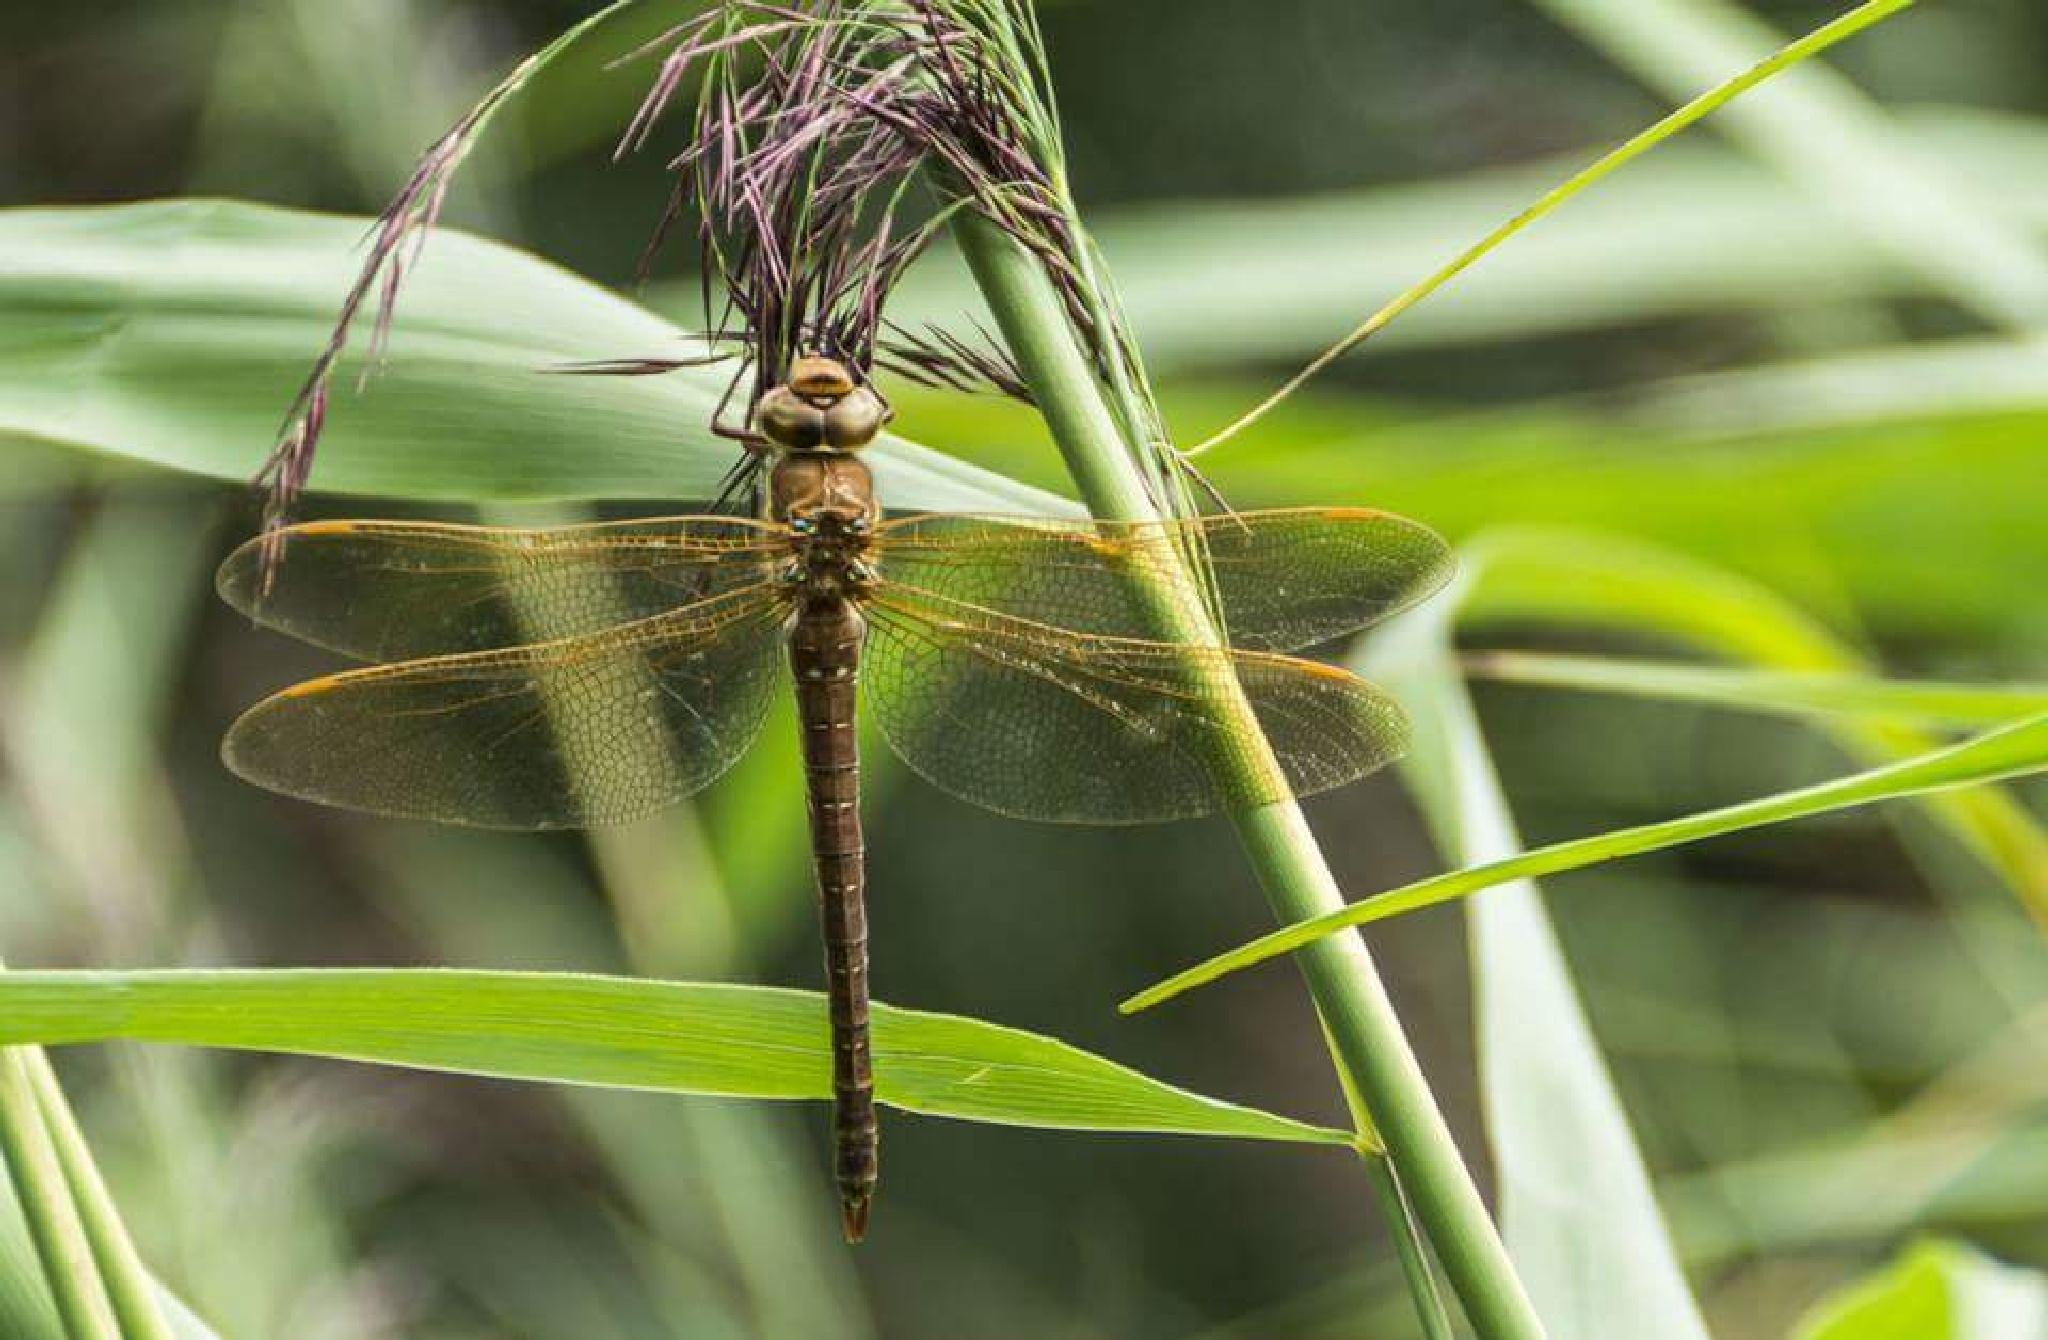 Dragonfly by Roelof de Haan